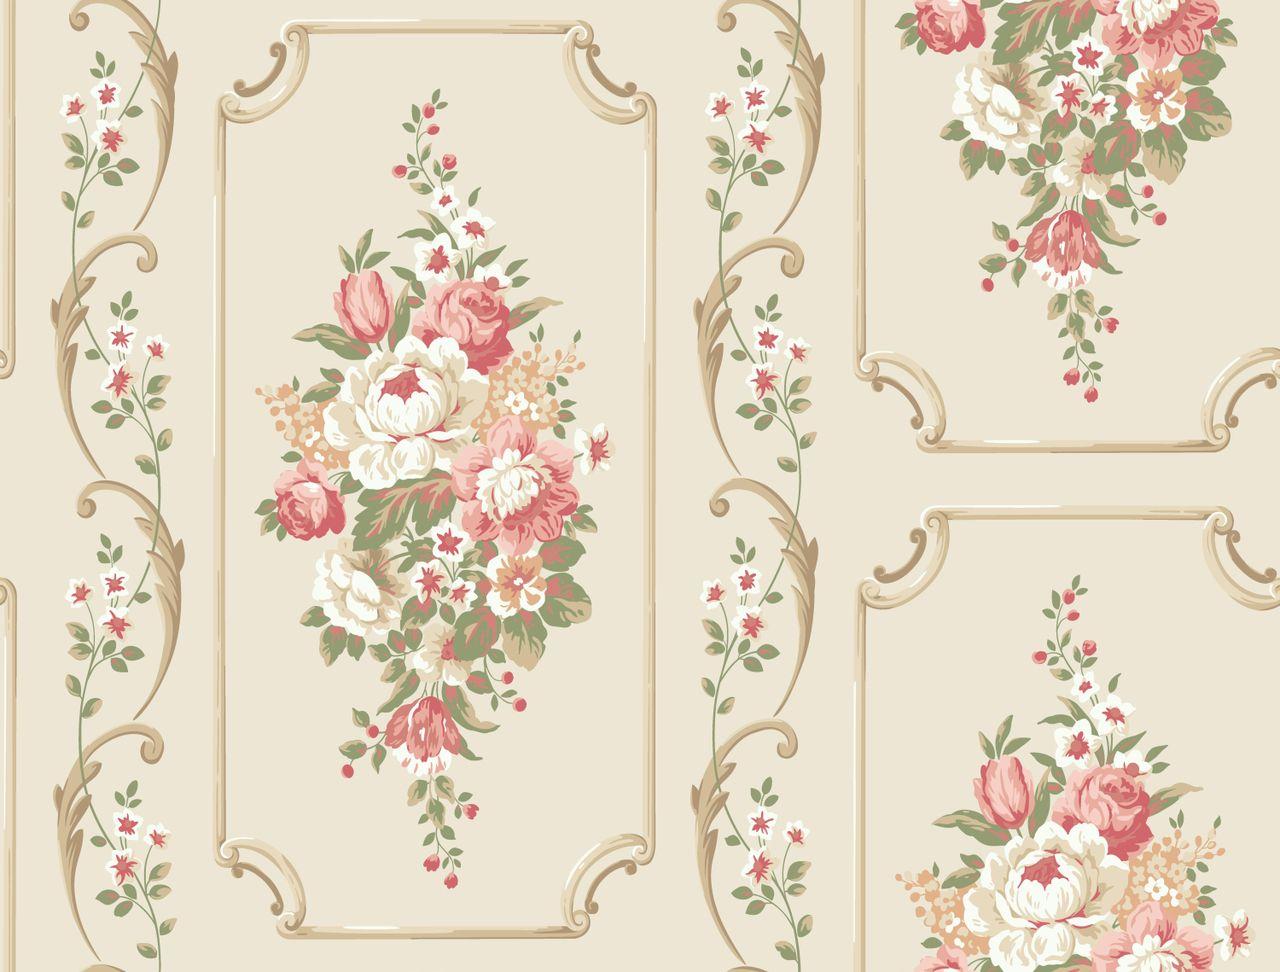 Casabella ii ba4501 floral panel wallpaper